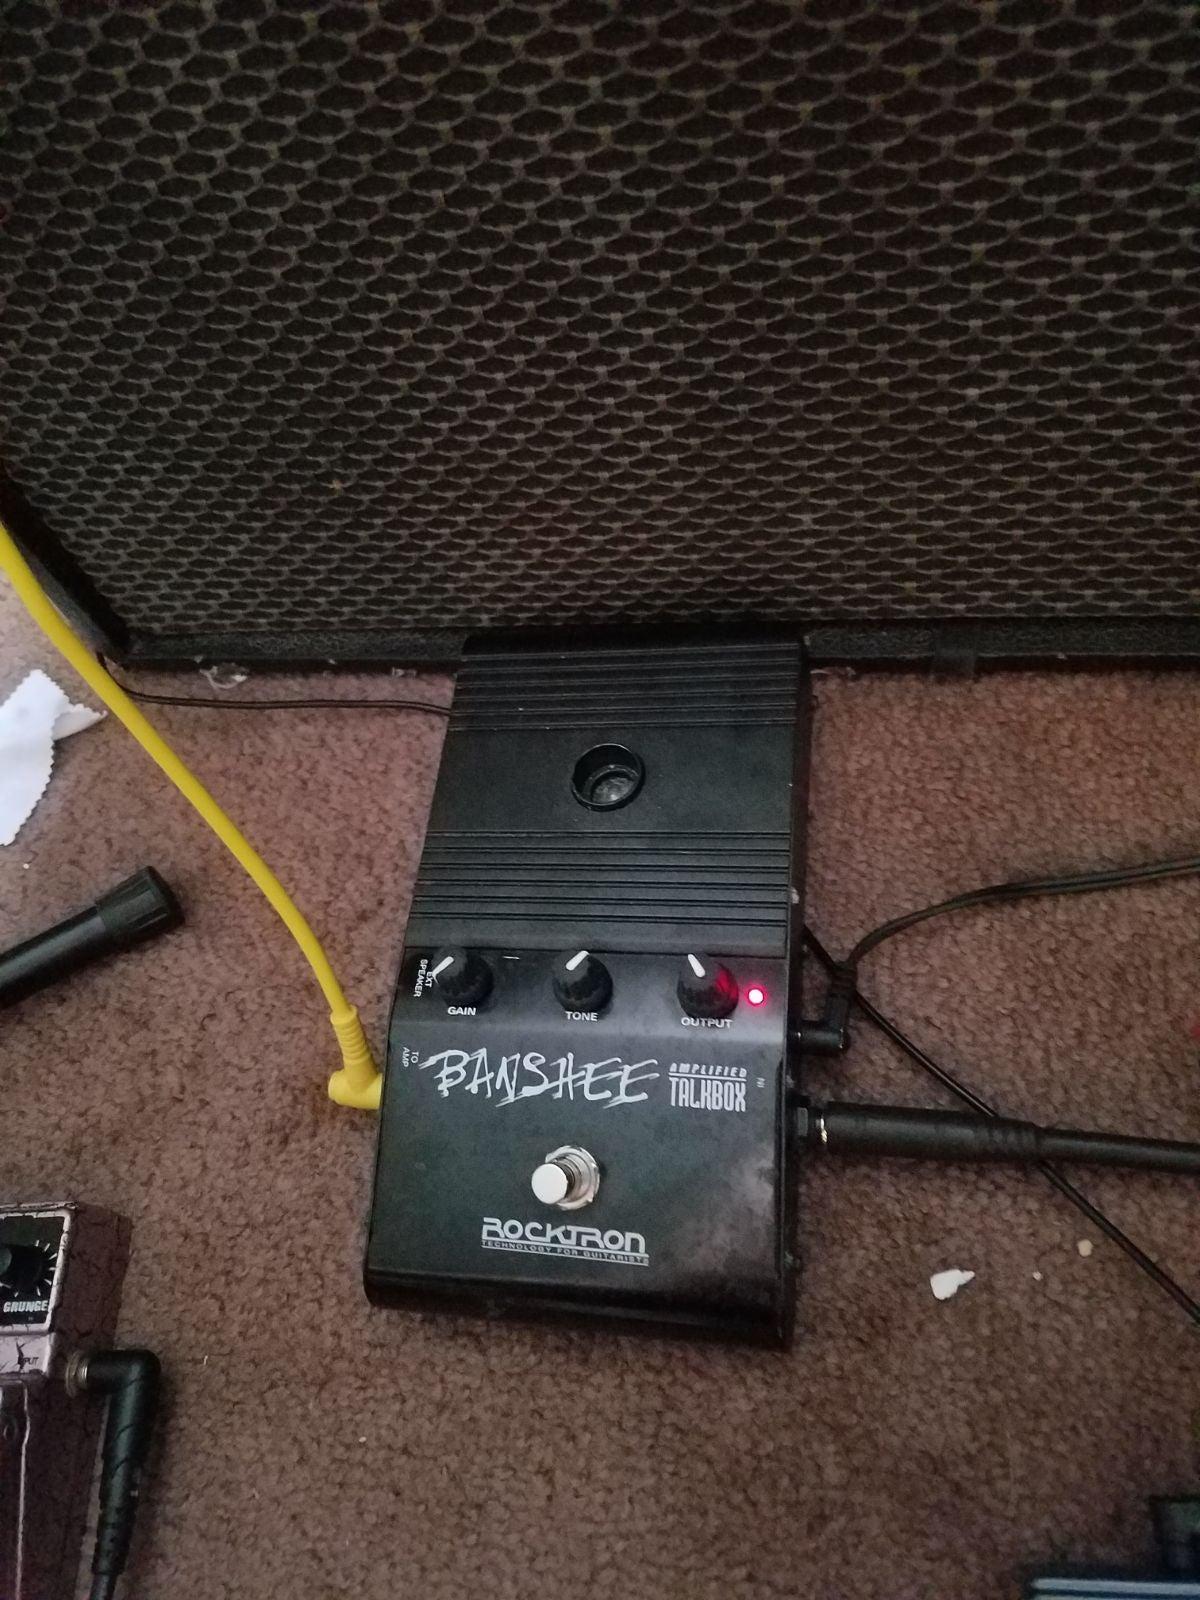 Talkbox guitar pedal